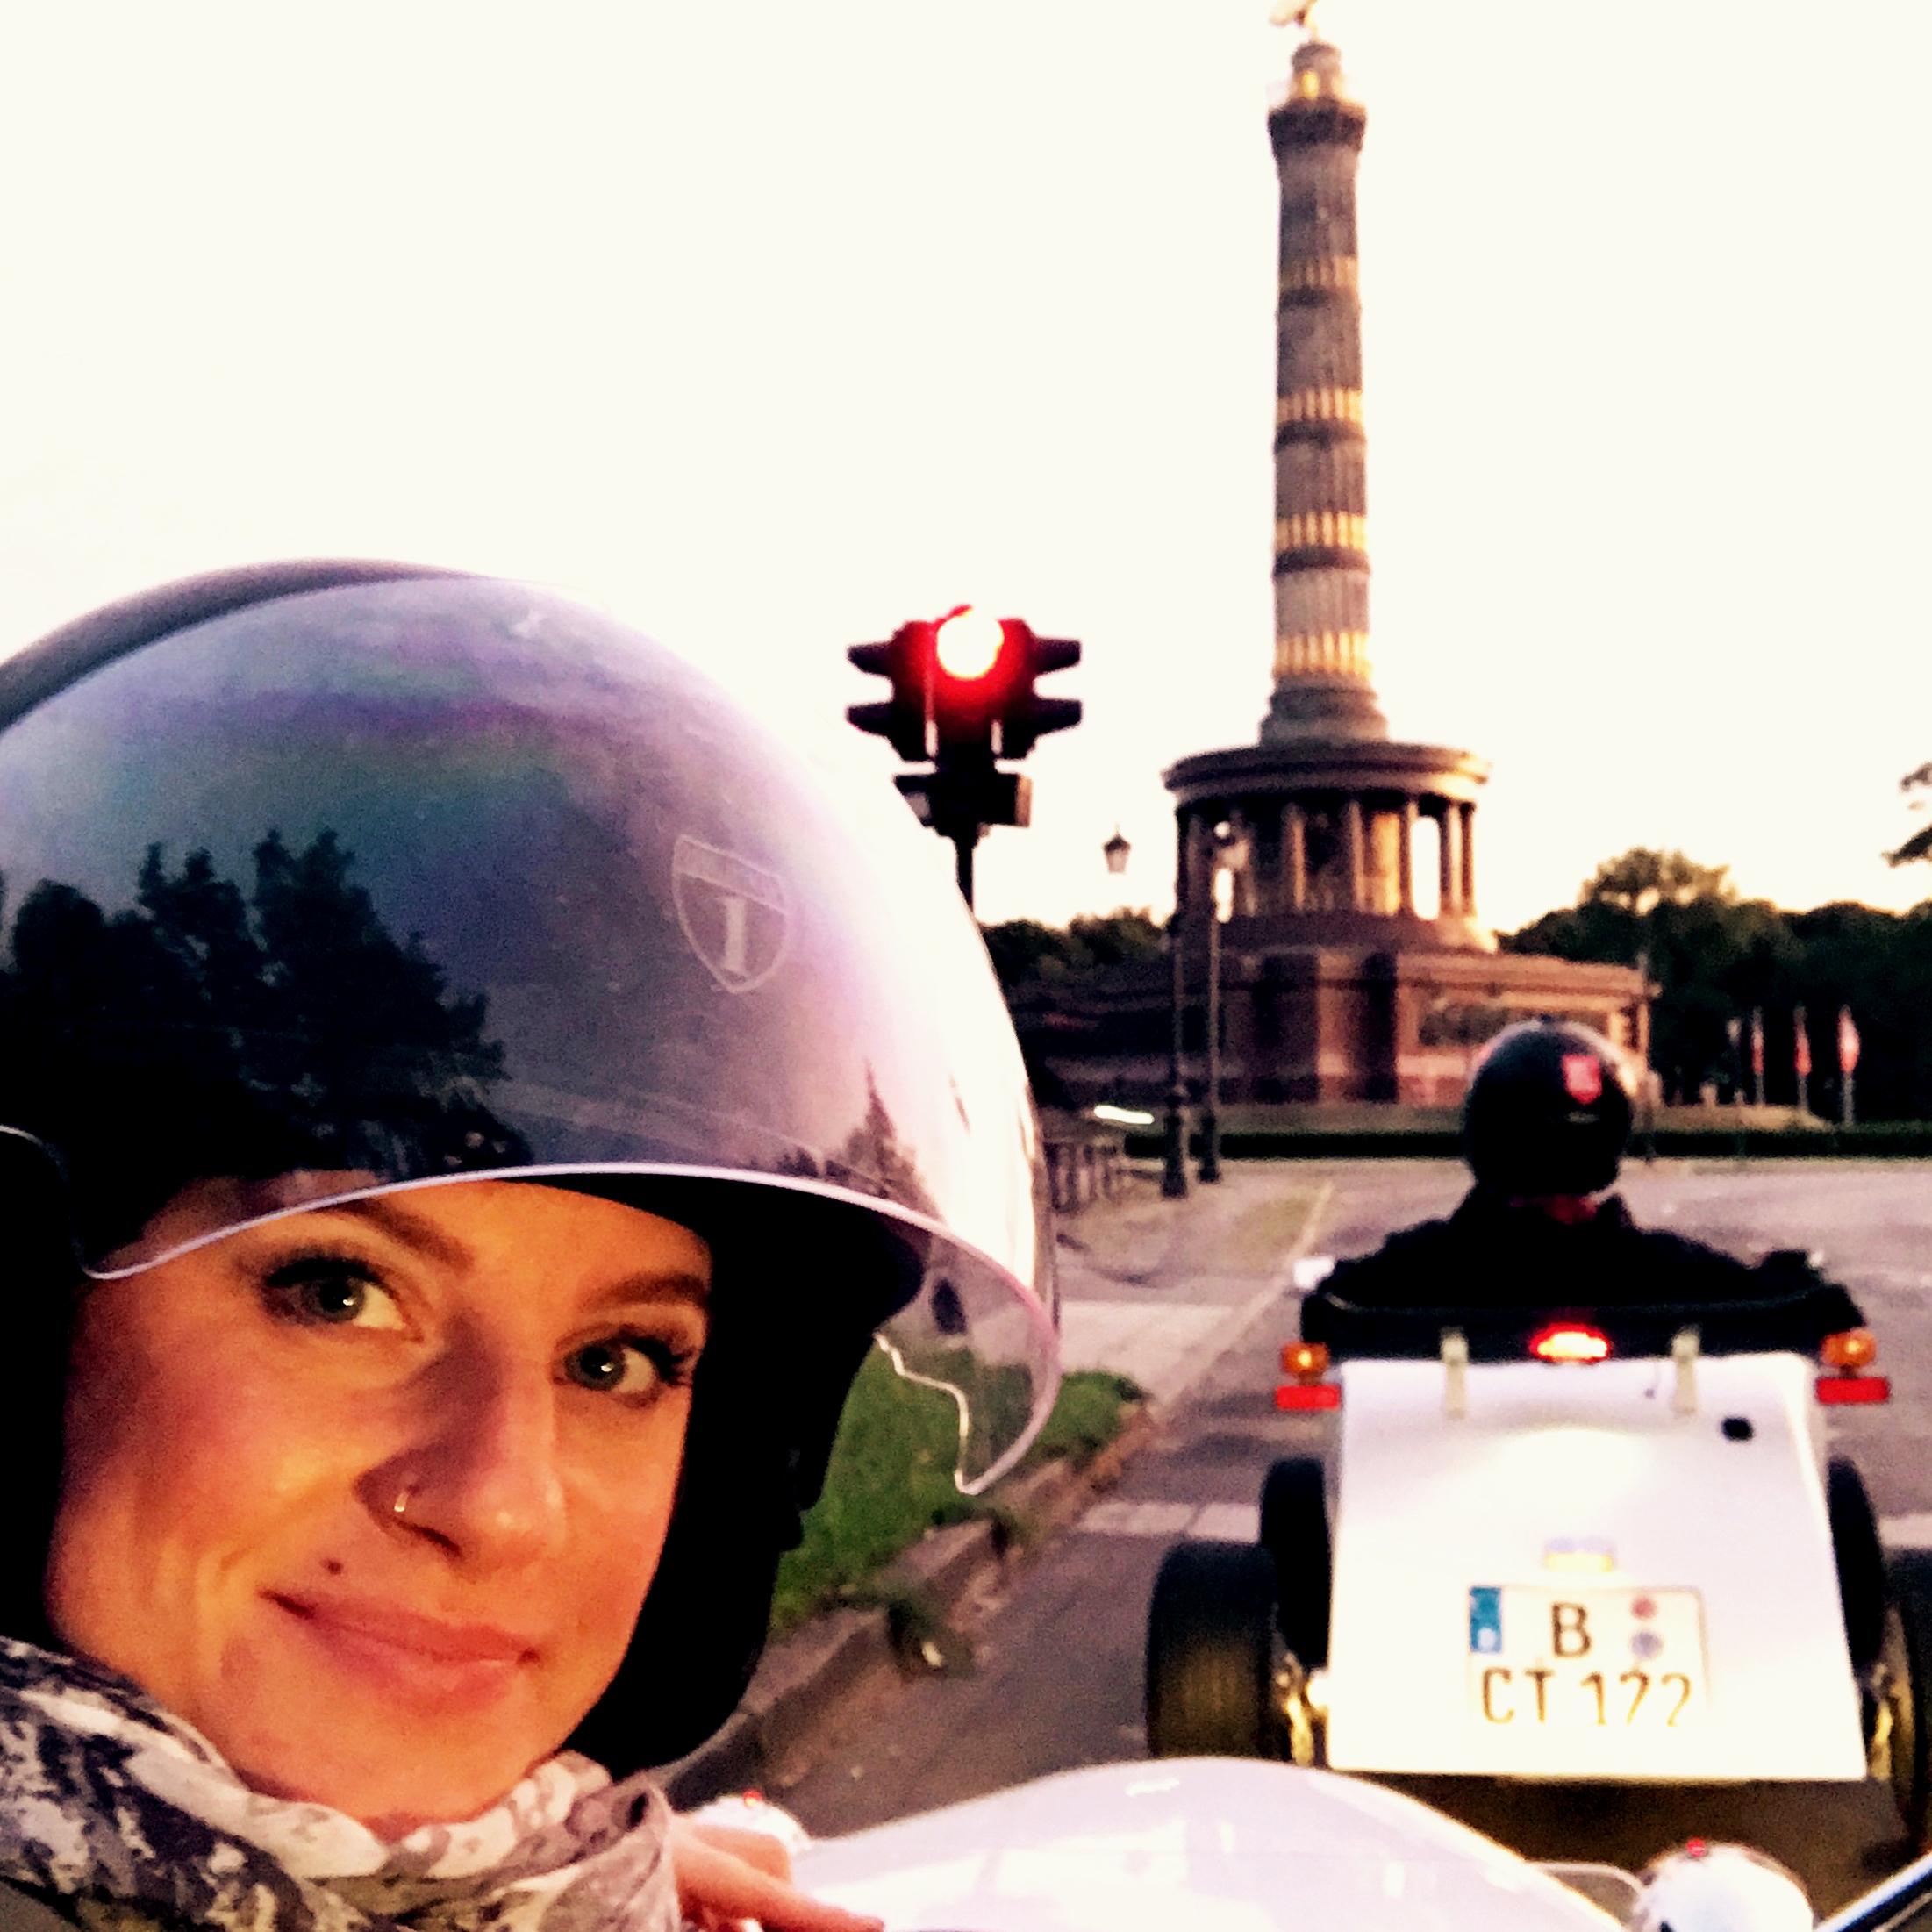 Siegessäule, Berlin, Mini Hotrod Citytour Berlin,